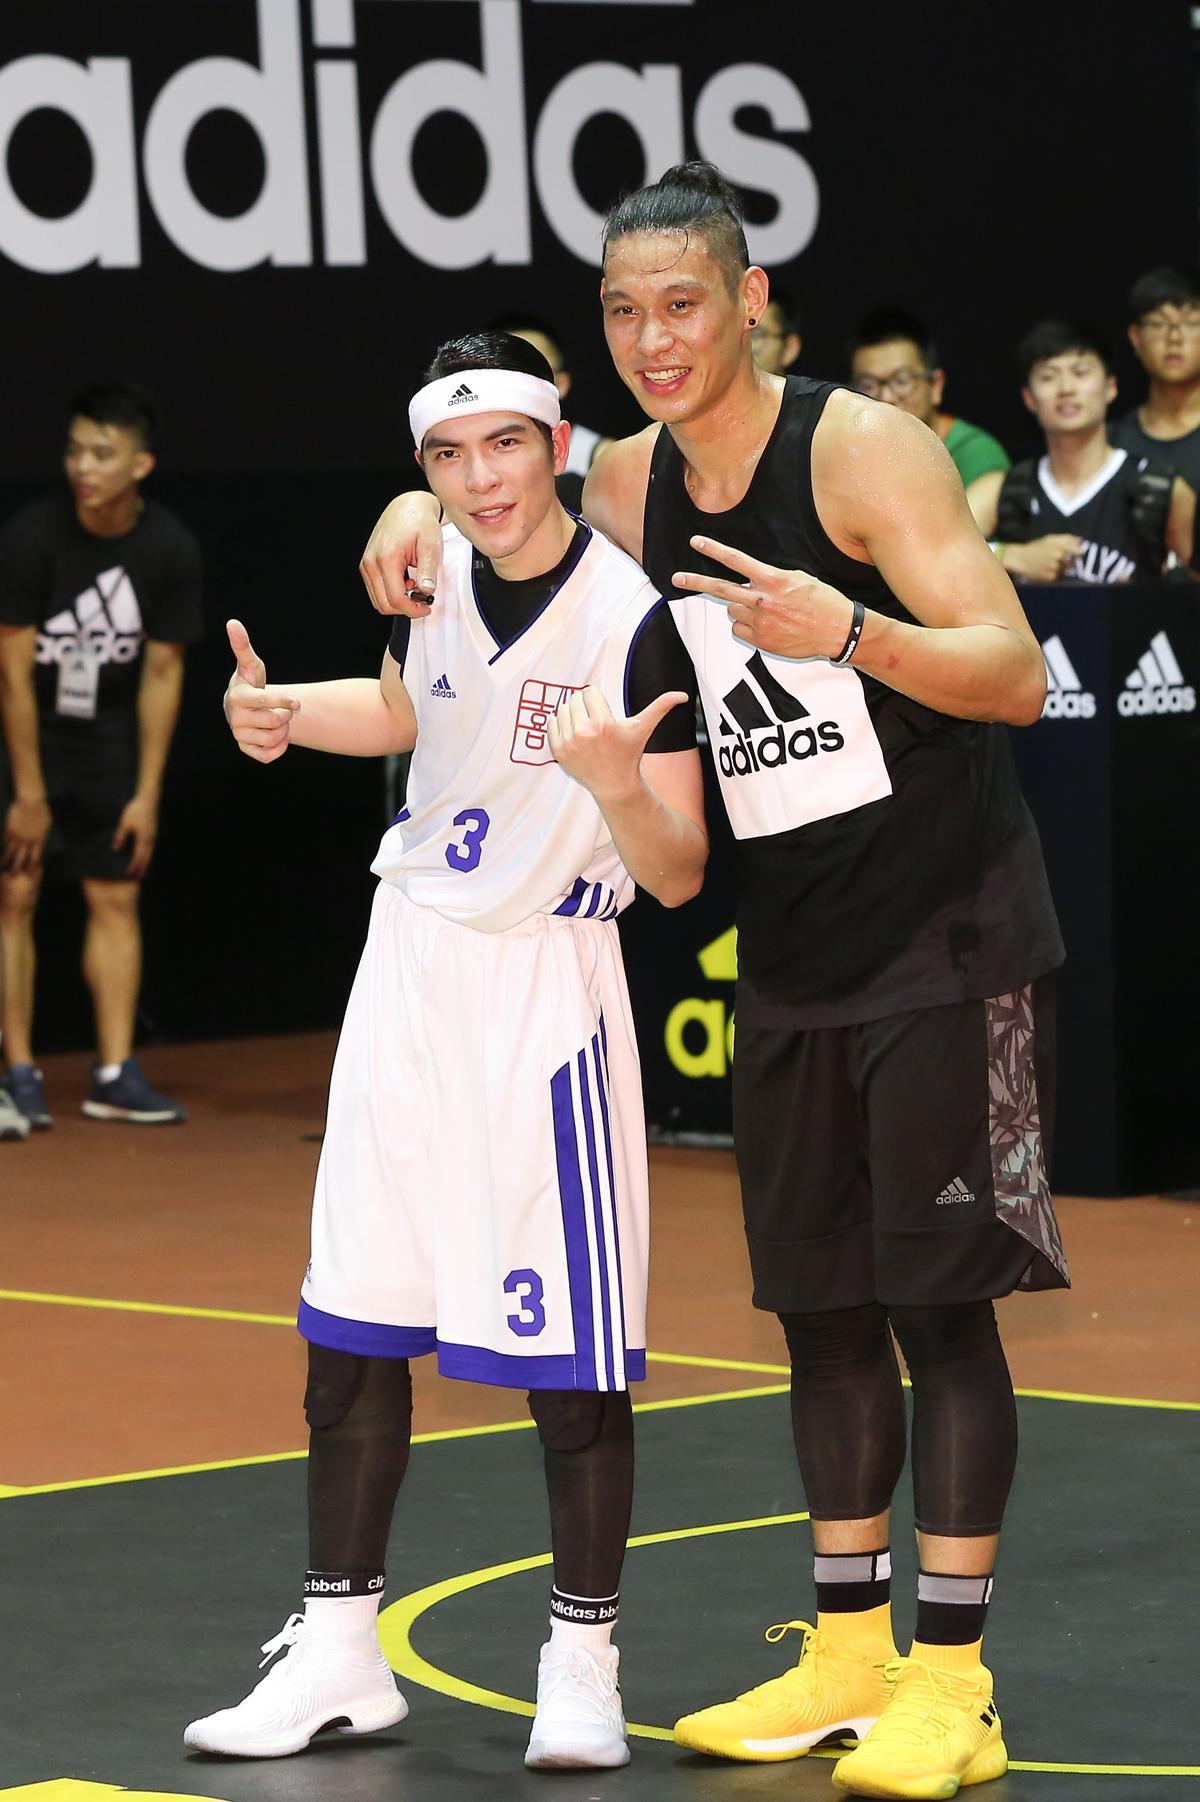 林書豪與蕭敬騰相見歡,還稱讚老蕭「打得很棒」。